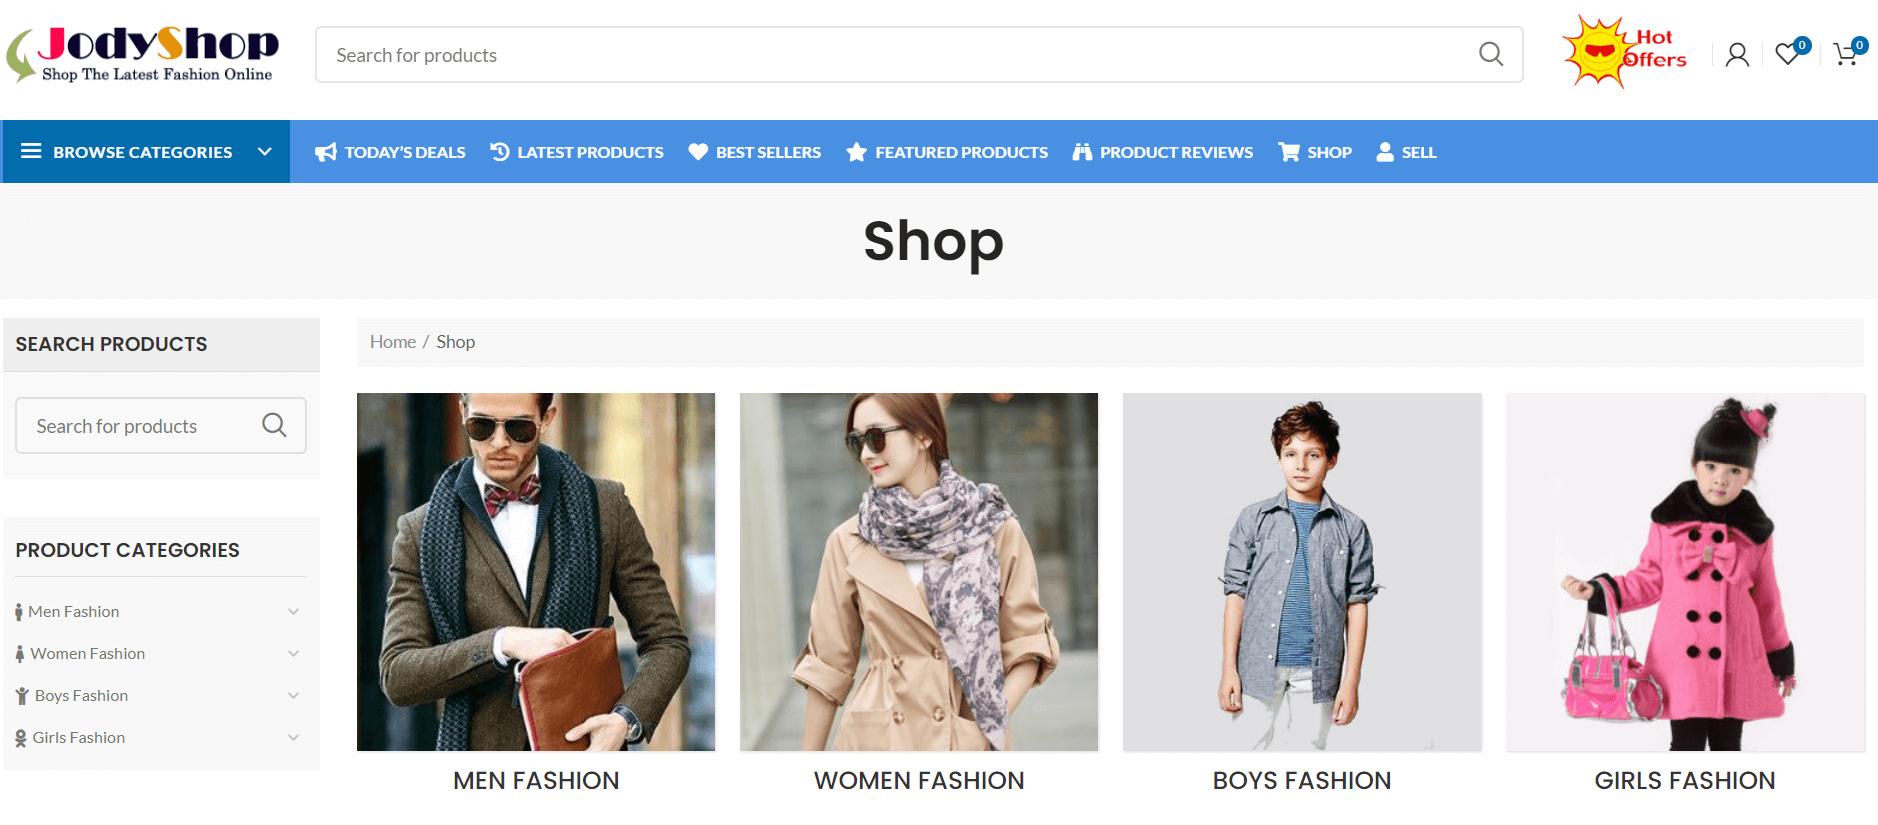 jodyshop-shop-category